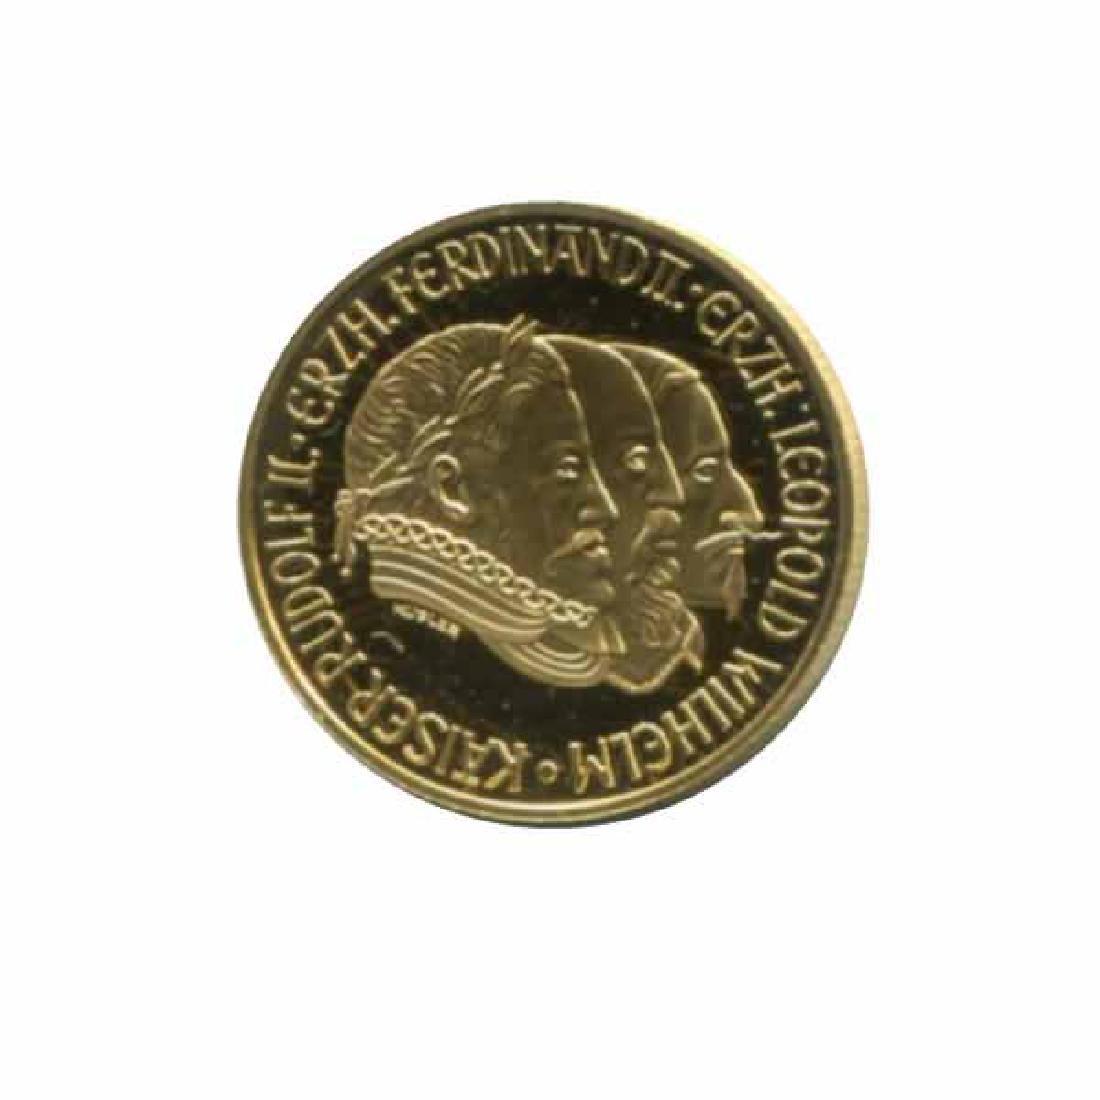 Austria 500 schilling gold PF 1993 Three Emperors